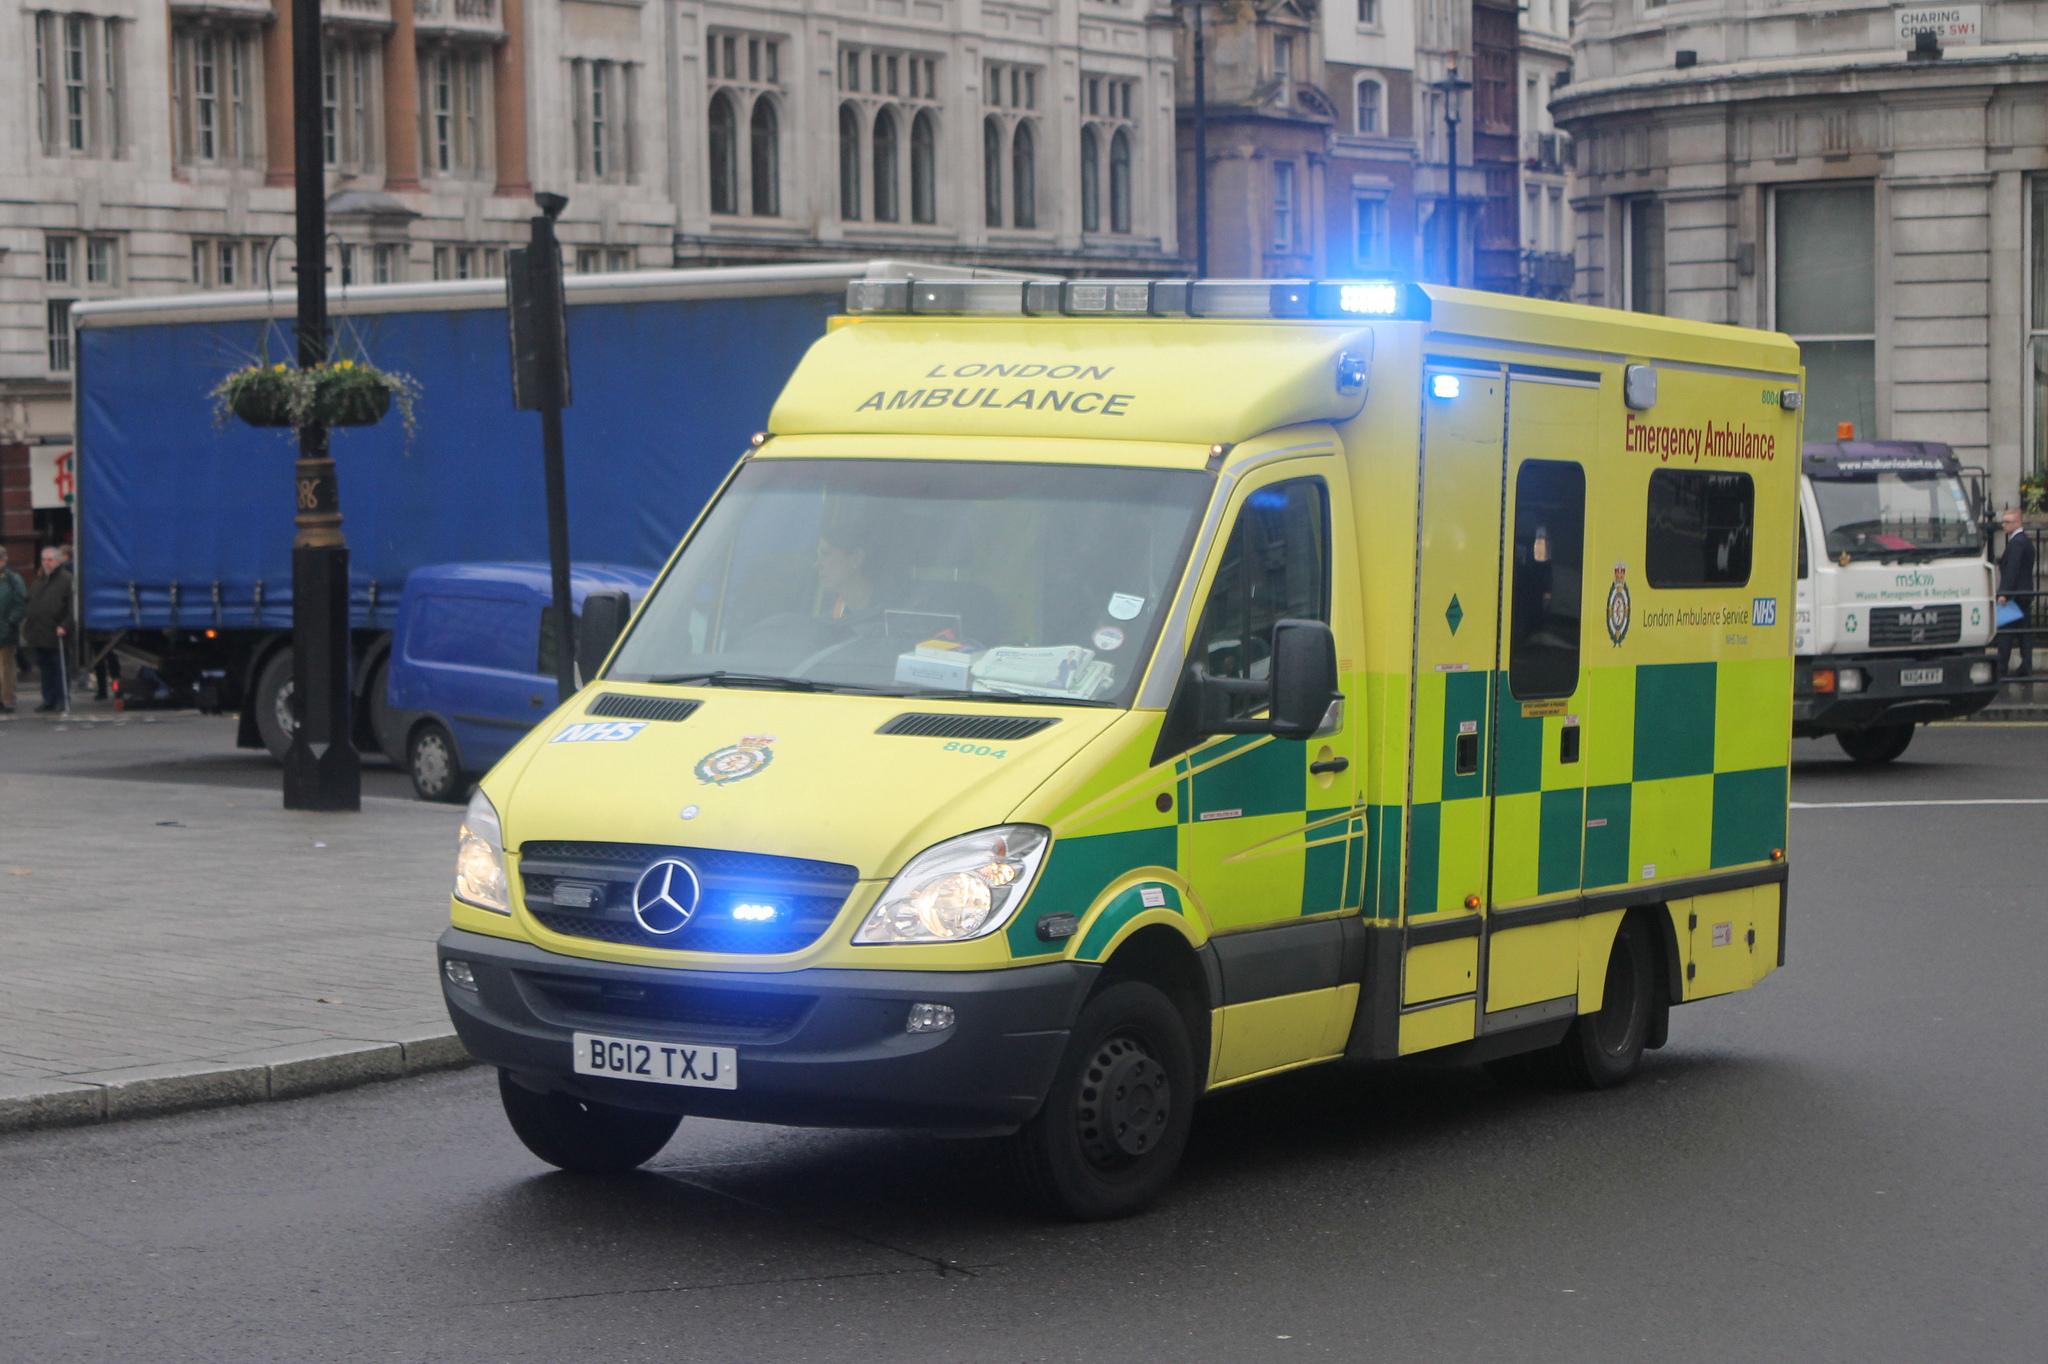 Teléfonos emergencias de Reino Unido